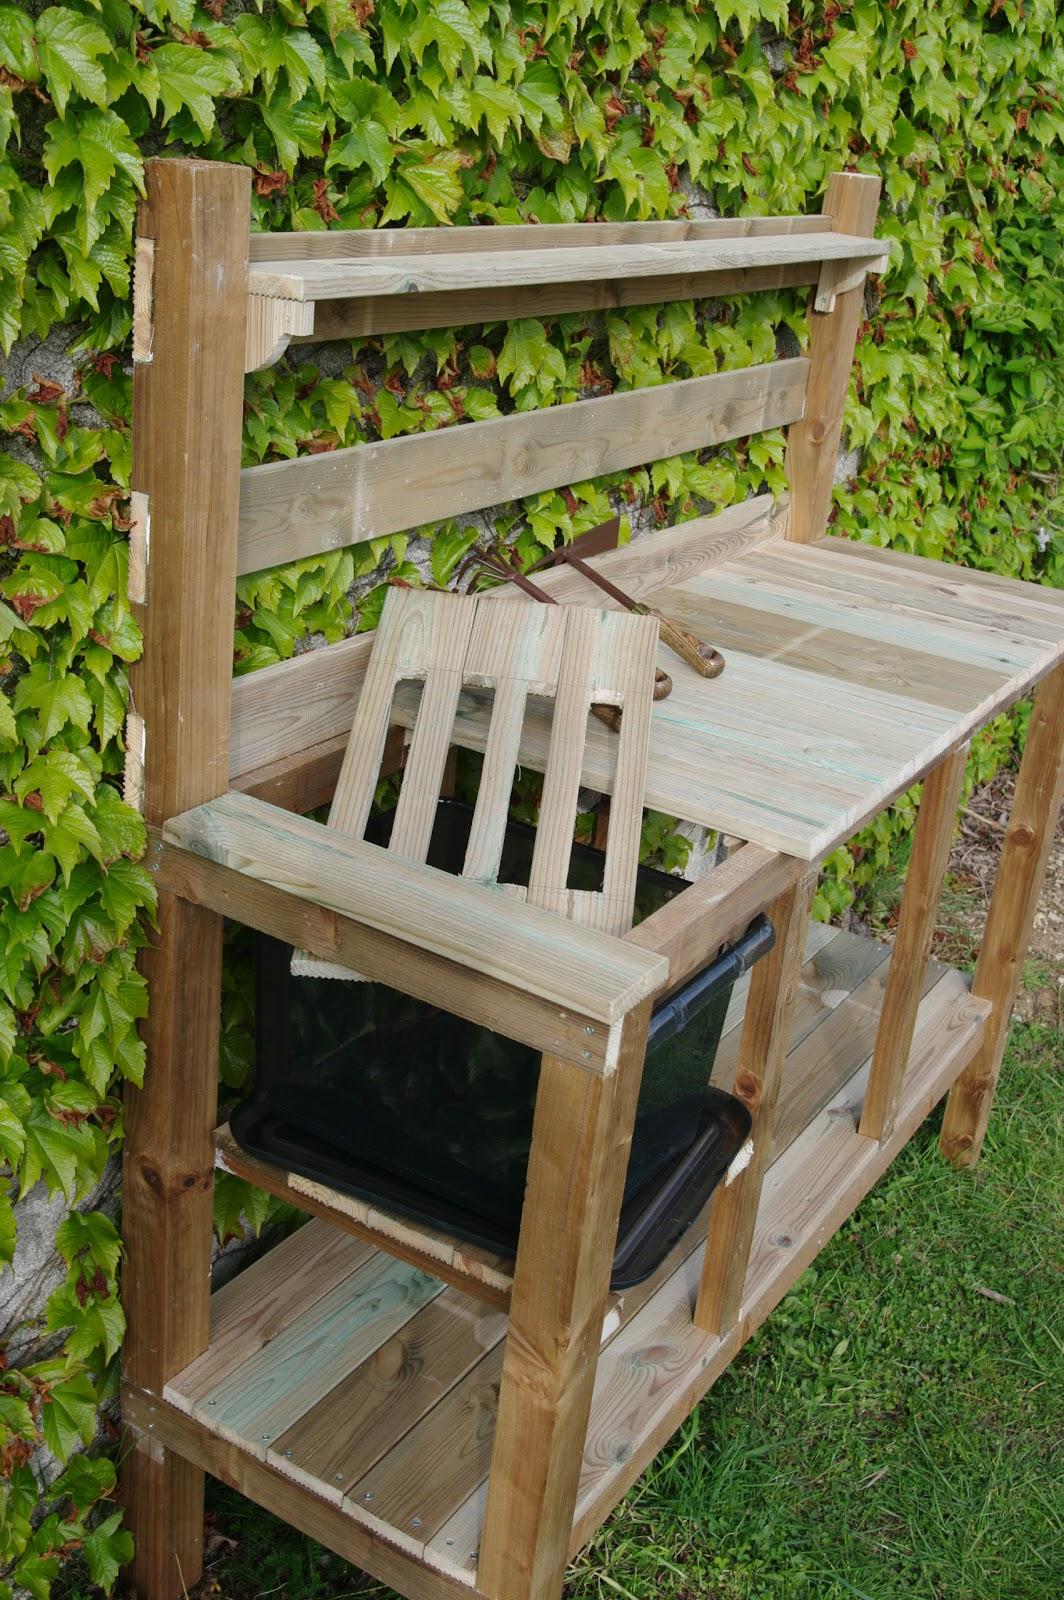 Le jardin boultois un mobilier bien adapt ma table de - Table de jardin qui reste dehors creteil ...